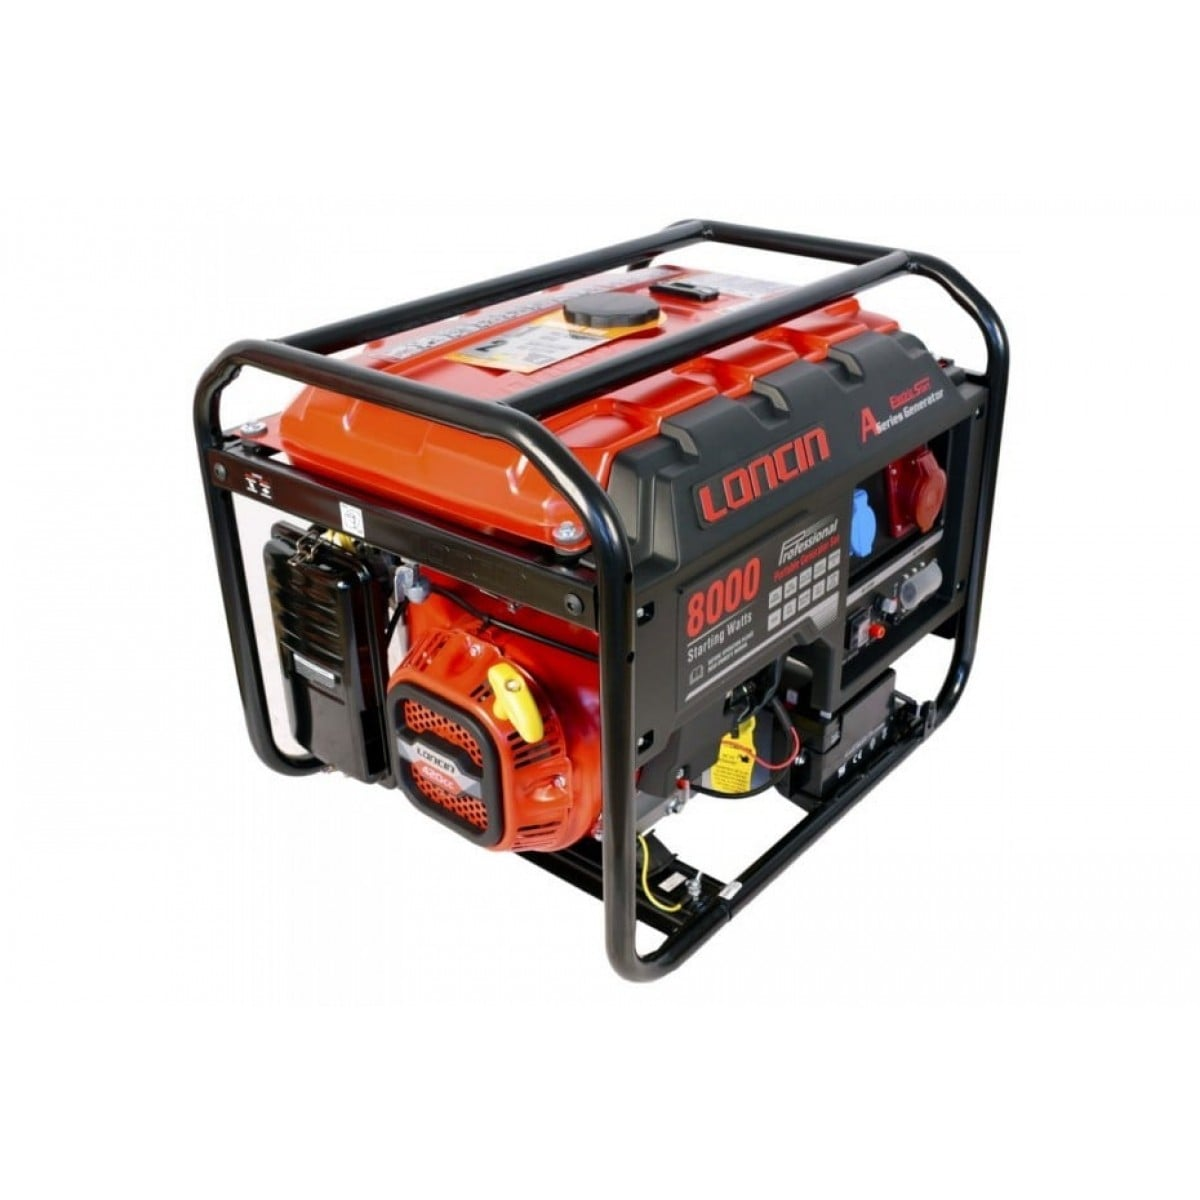 generator loncin 7 0 kw 380v a series lc8000d a padure gardina.ro 93